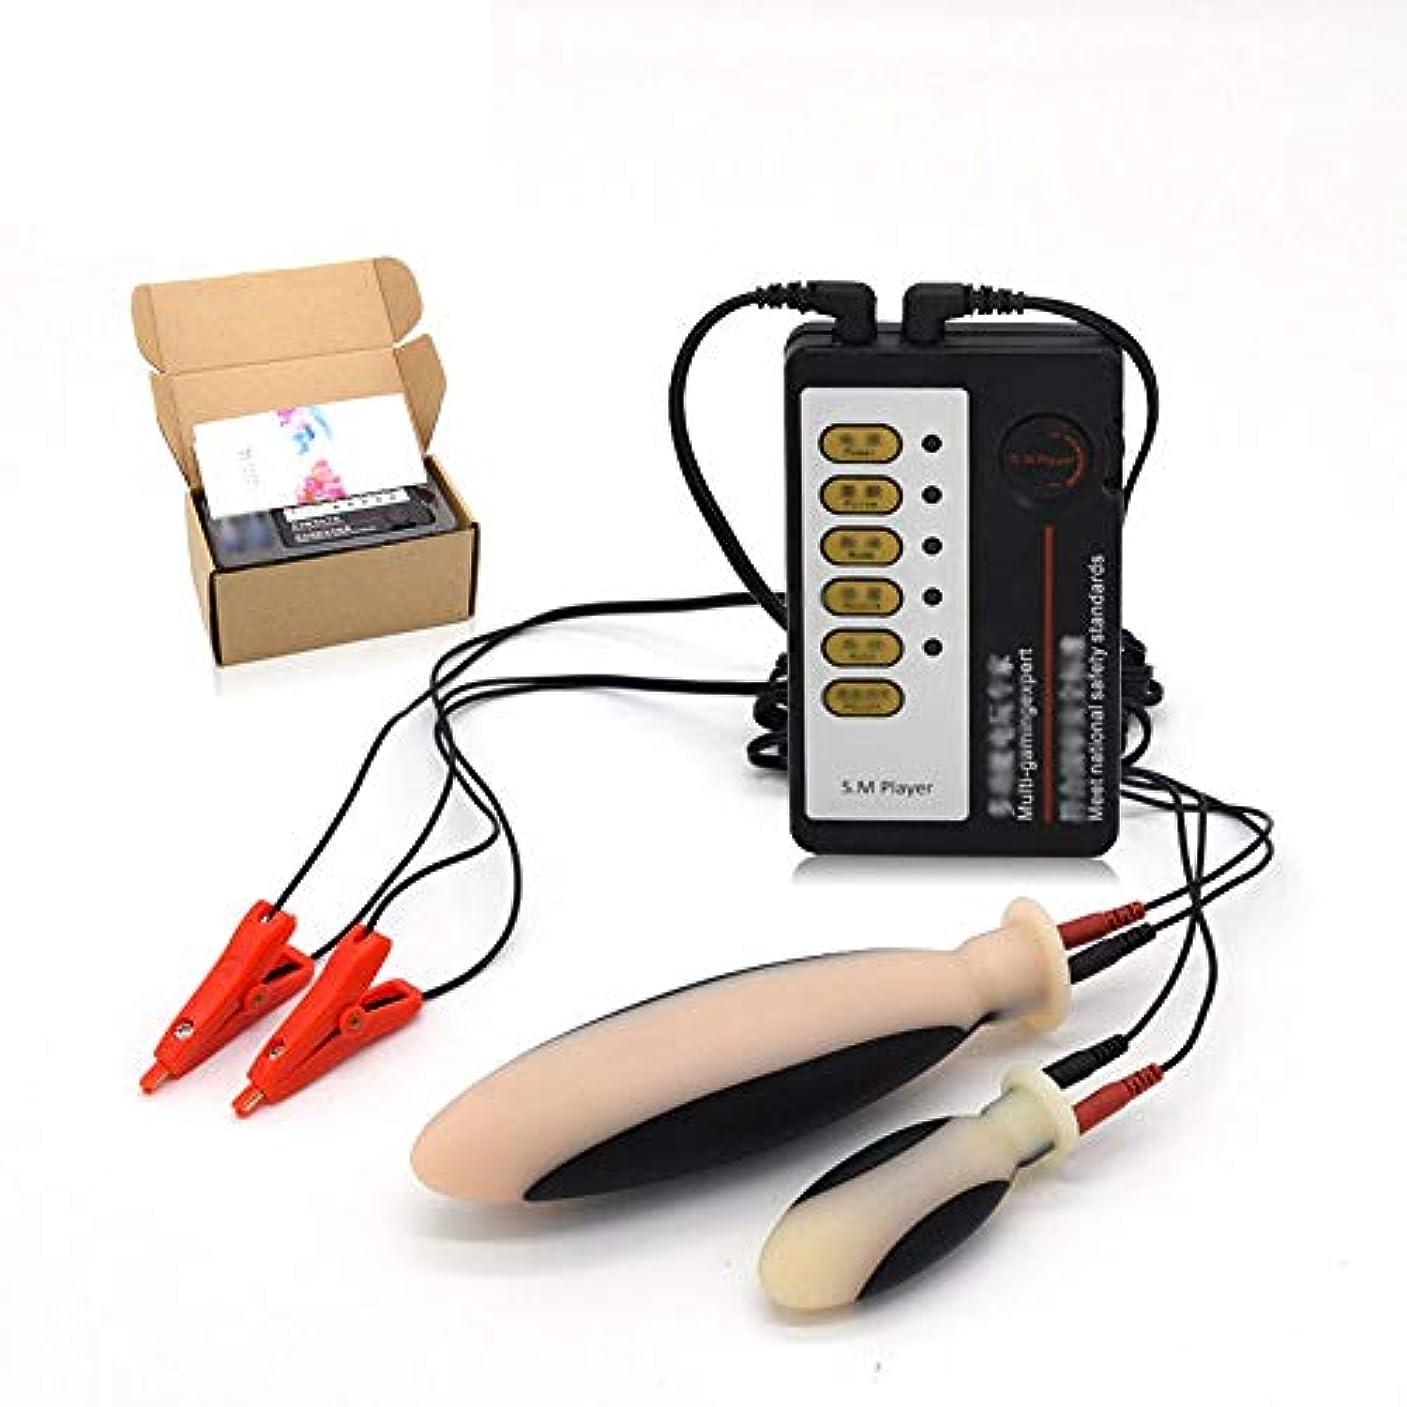 サイクル署名適格パーソナルマッサージャー電気、速度やバイブレーション、複数のモデルとマッサージを緩和します